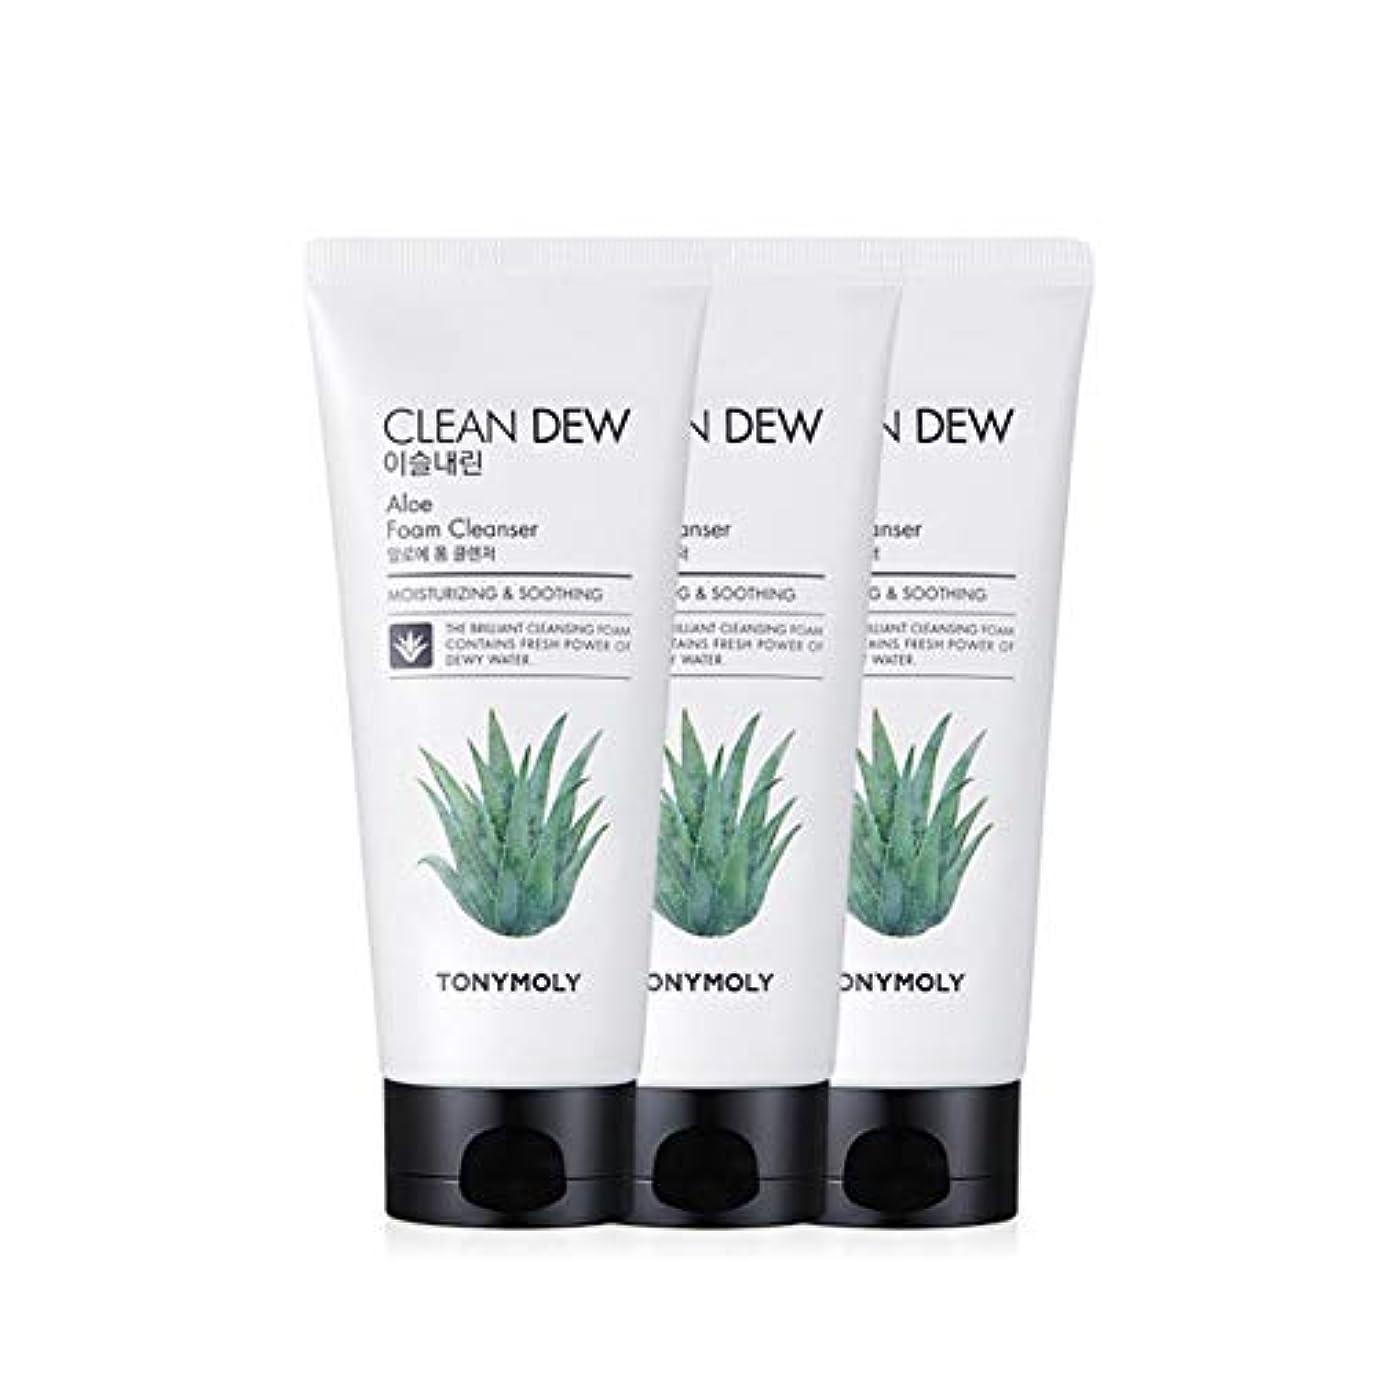 支配的恵み不測の事態トニーモリークリーンデューアロエフォームクレンザー180mlx3本セット韓国コスメ、Tonymoly Clean Dew Aloe Foam Cleanser 180ml x 3ea Set Korean Cosmetics...